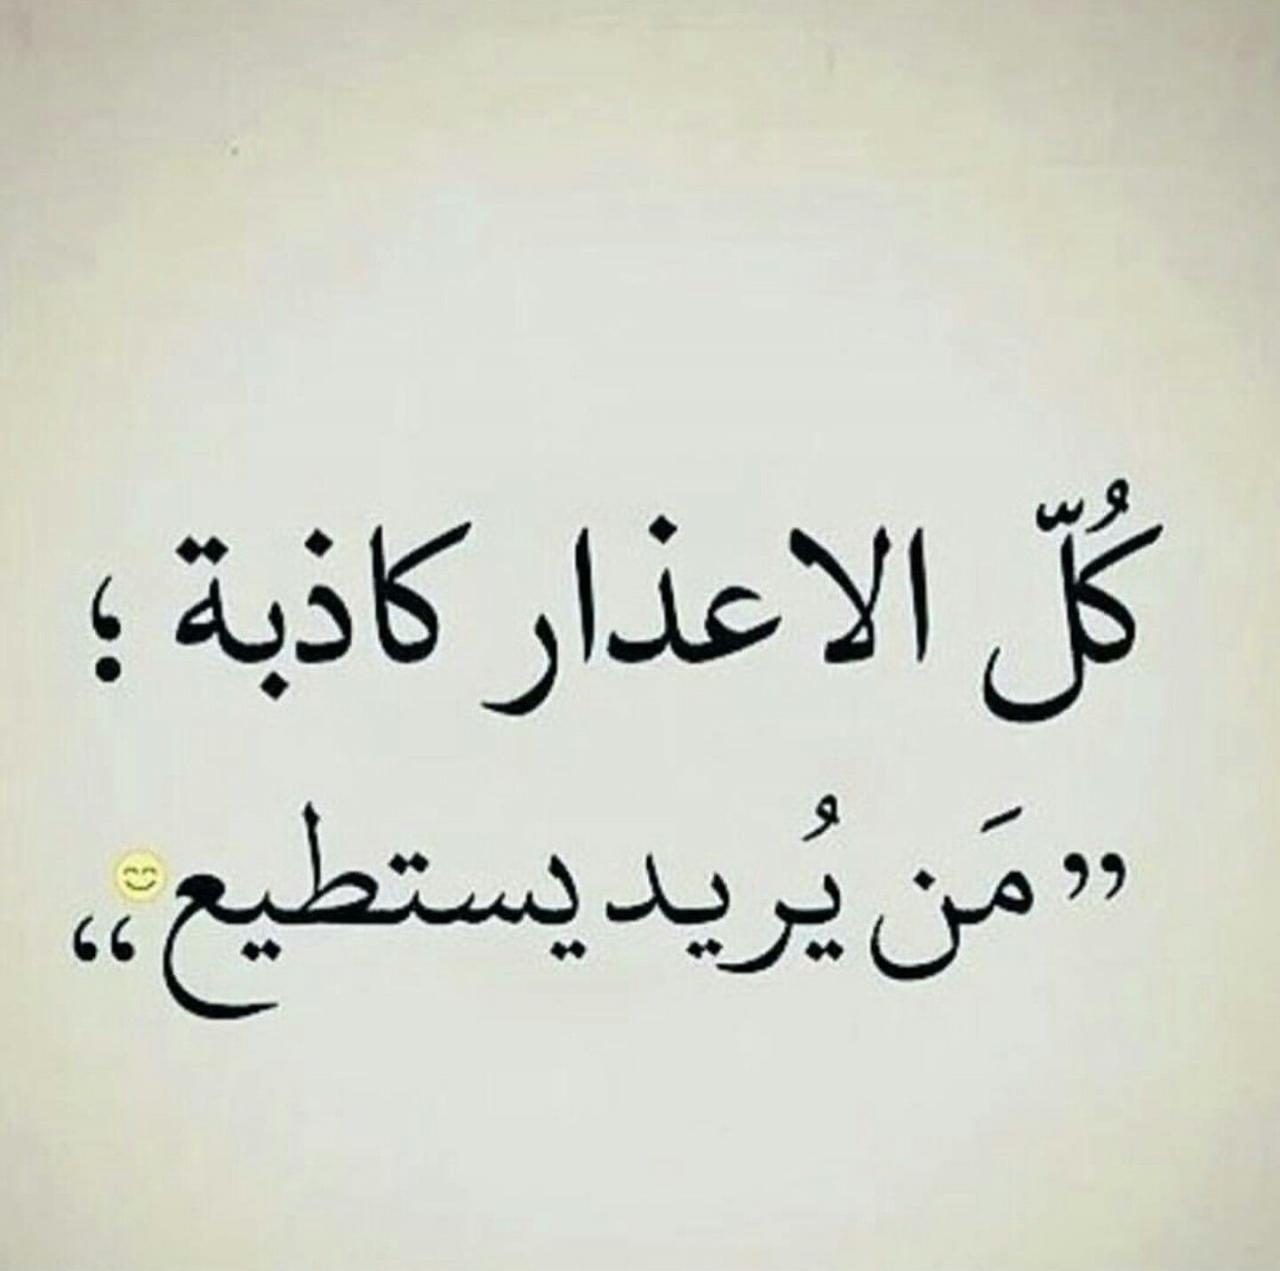 صورة كلمات قصيرة خرافة، كلام حلو قصير 5398